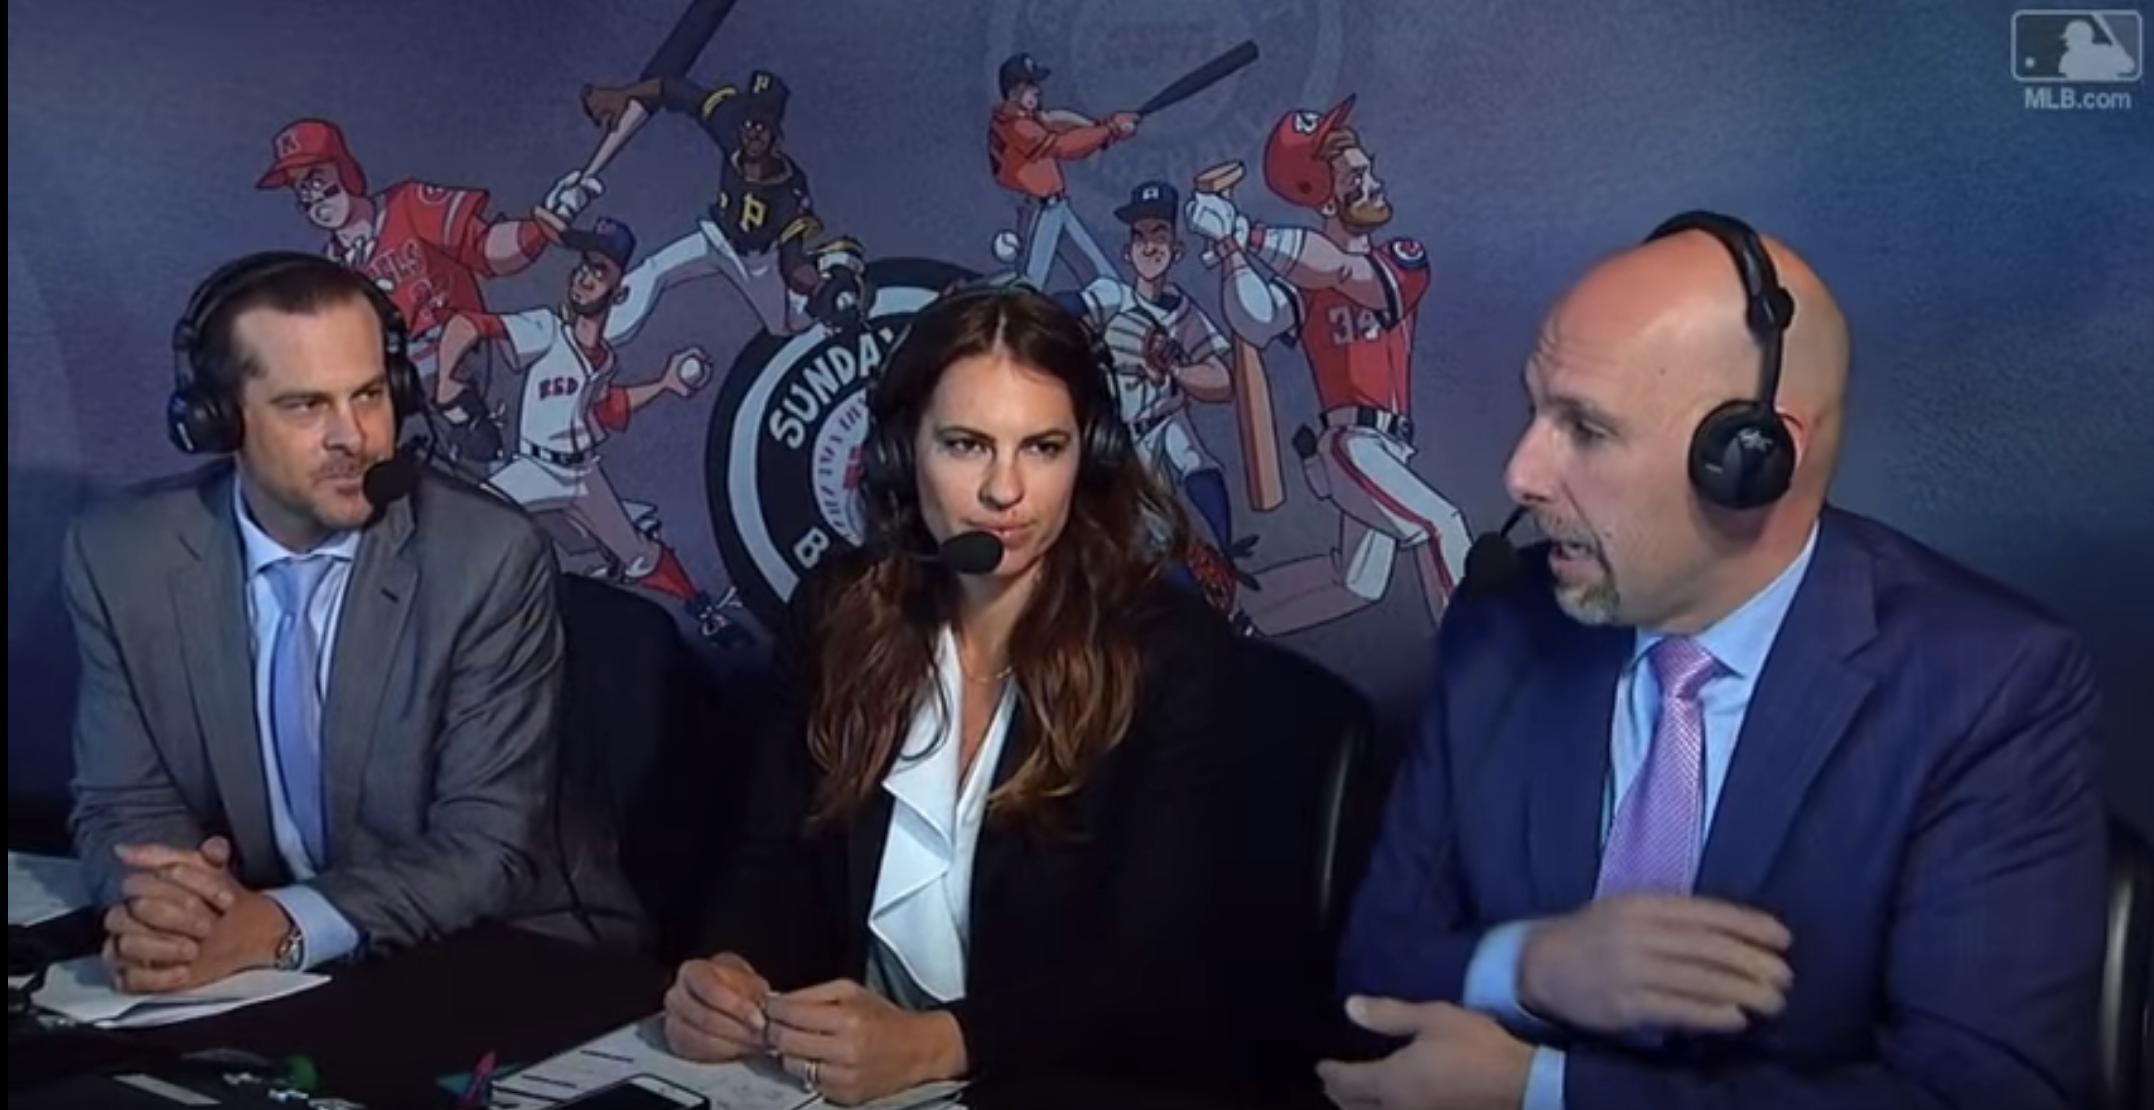 Jessica Mendoa on ESPN